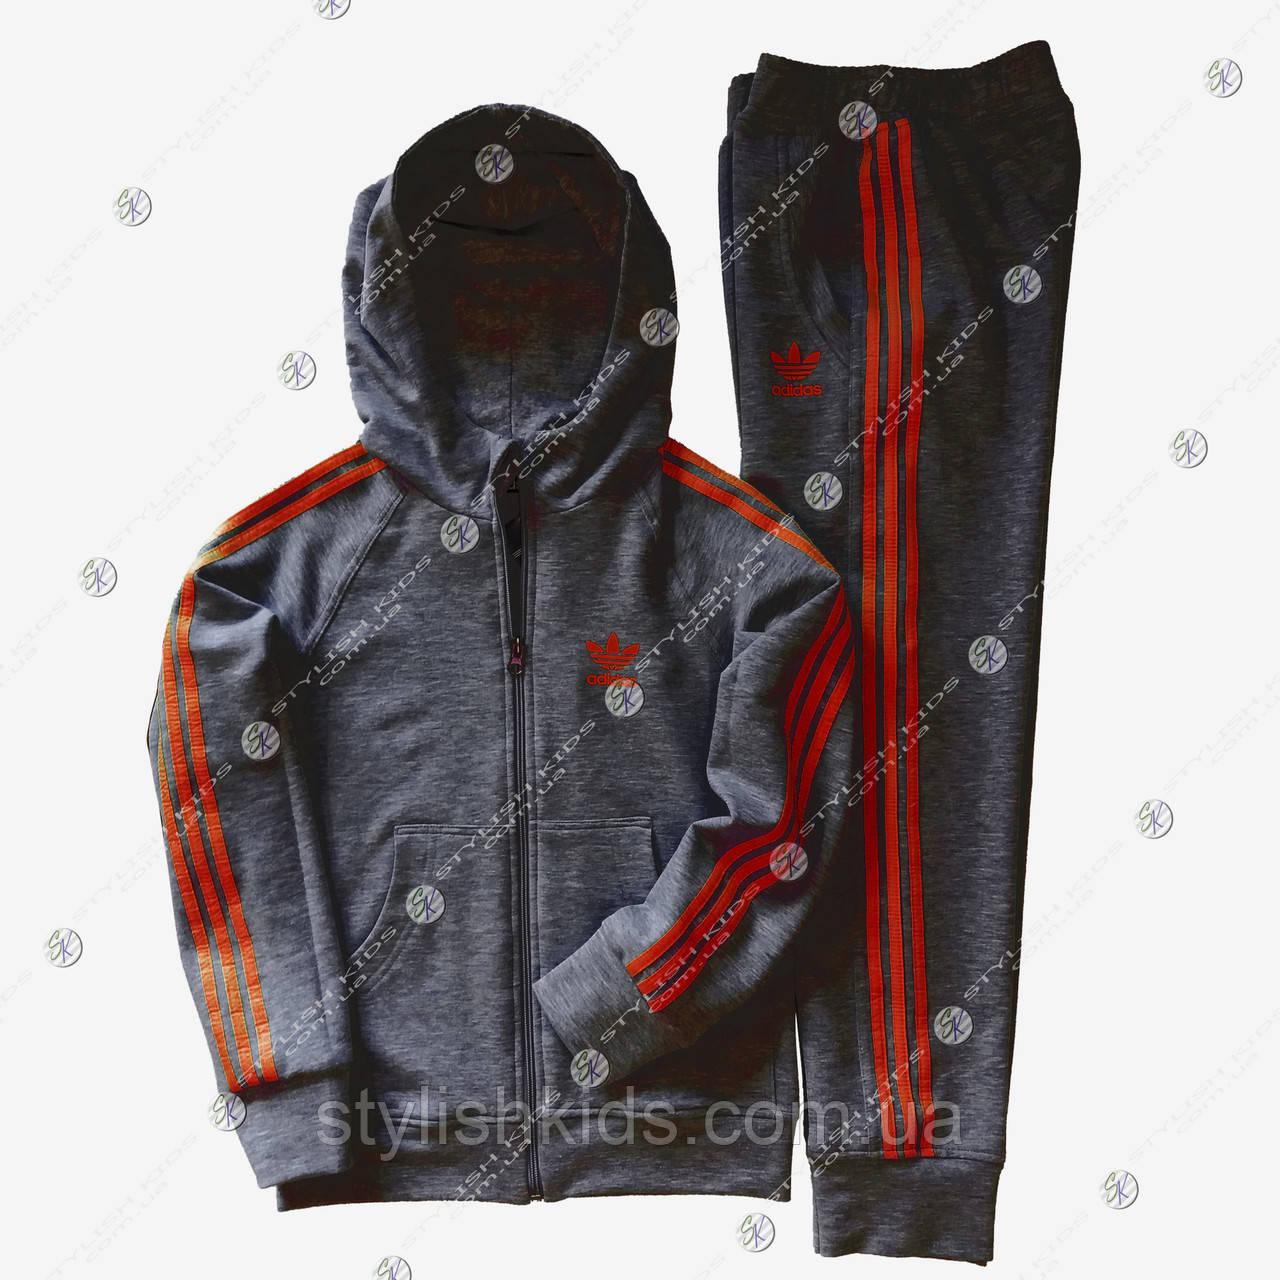 5fb0dac8 cпортивный костюм для мальчика Адидас.Подростковый спортивный костюм для мальчика  8-16 лет